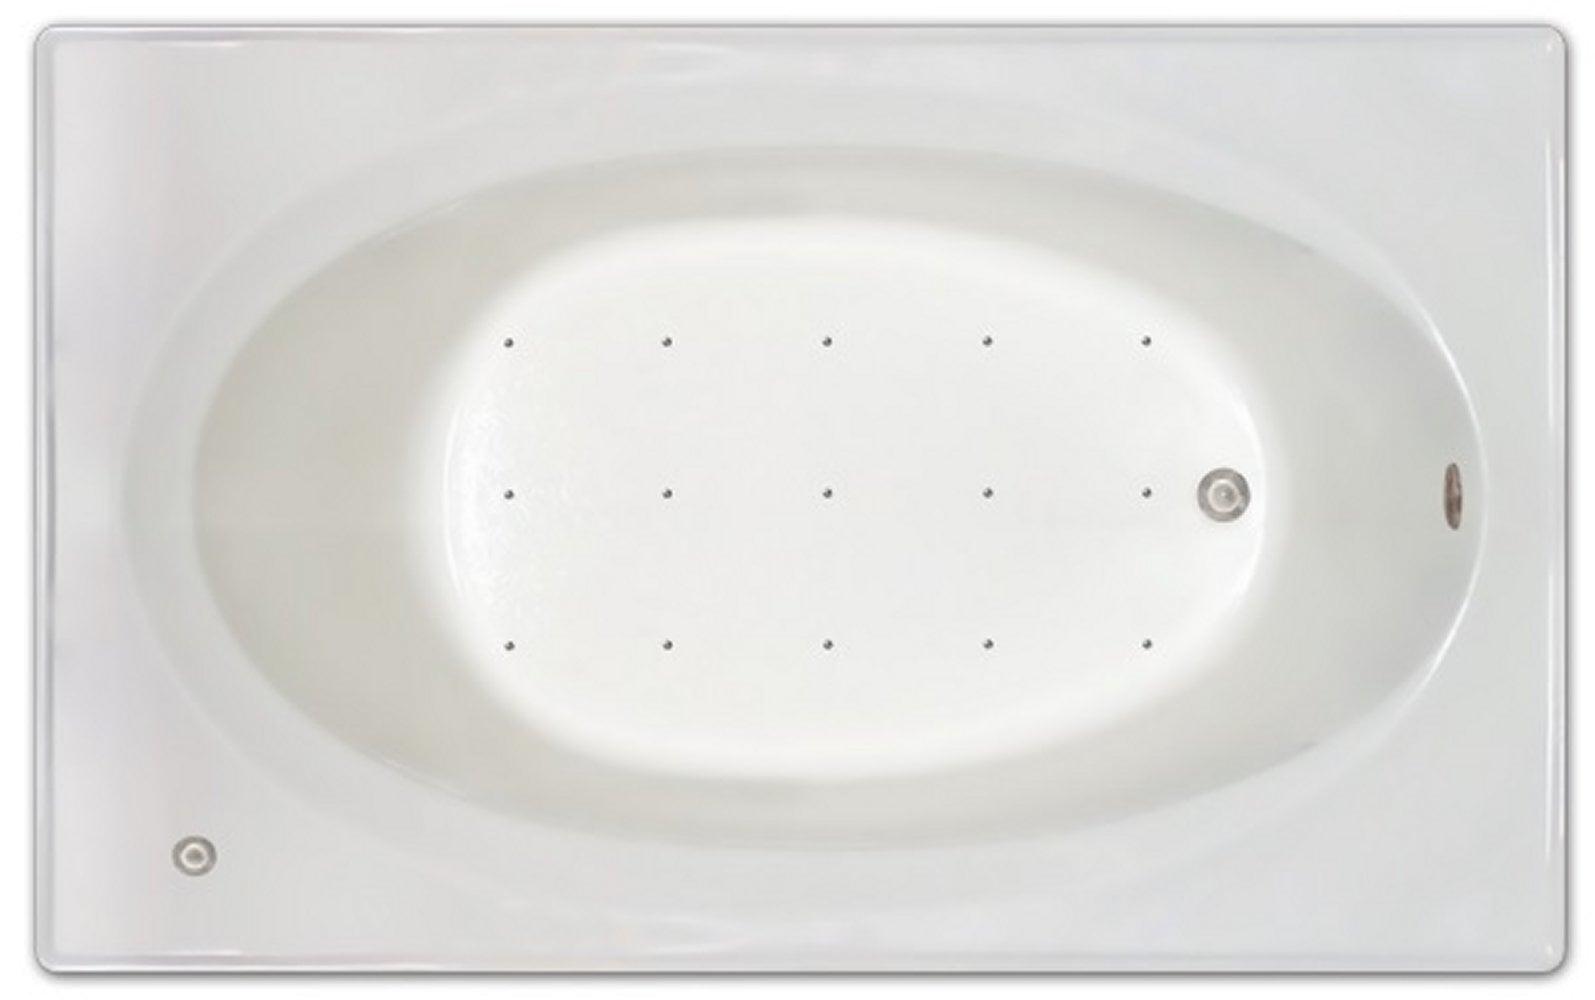 Drop-in Bathtub / 72x42x19 / high gloss white acrylic / Rectangle / LPI225-A-RD Pinnacle Bath - Air Bath 0